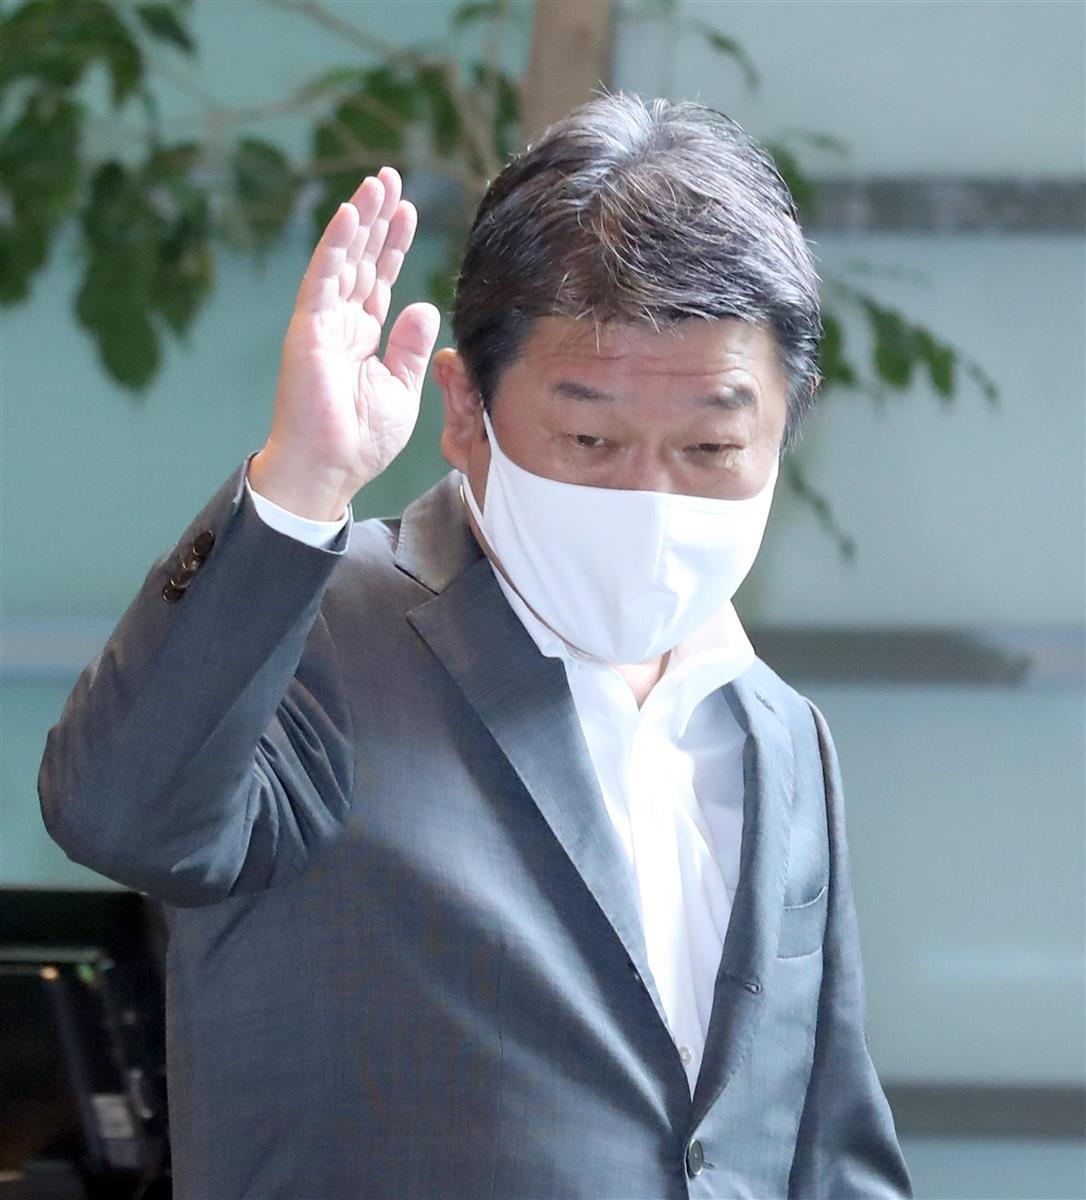 日本は常任理事国入りで「平和に貢献」 茂木外相、安保理改革訴…